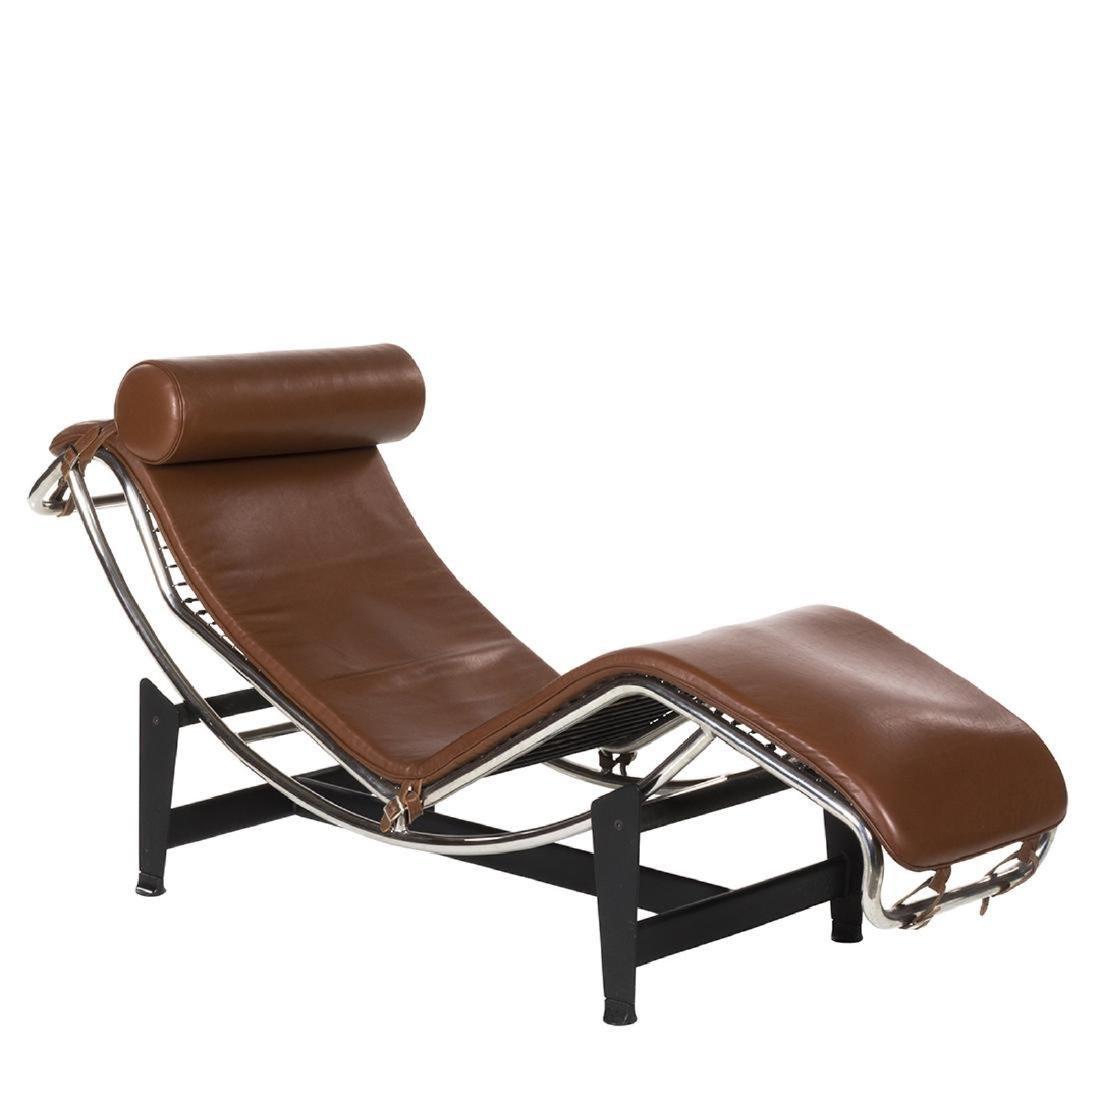 Le Corbusier Chaise Lounge